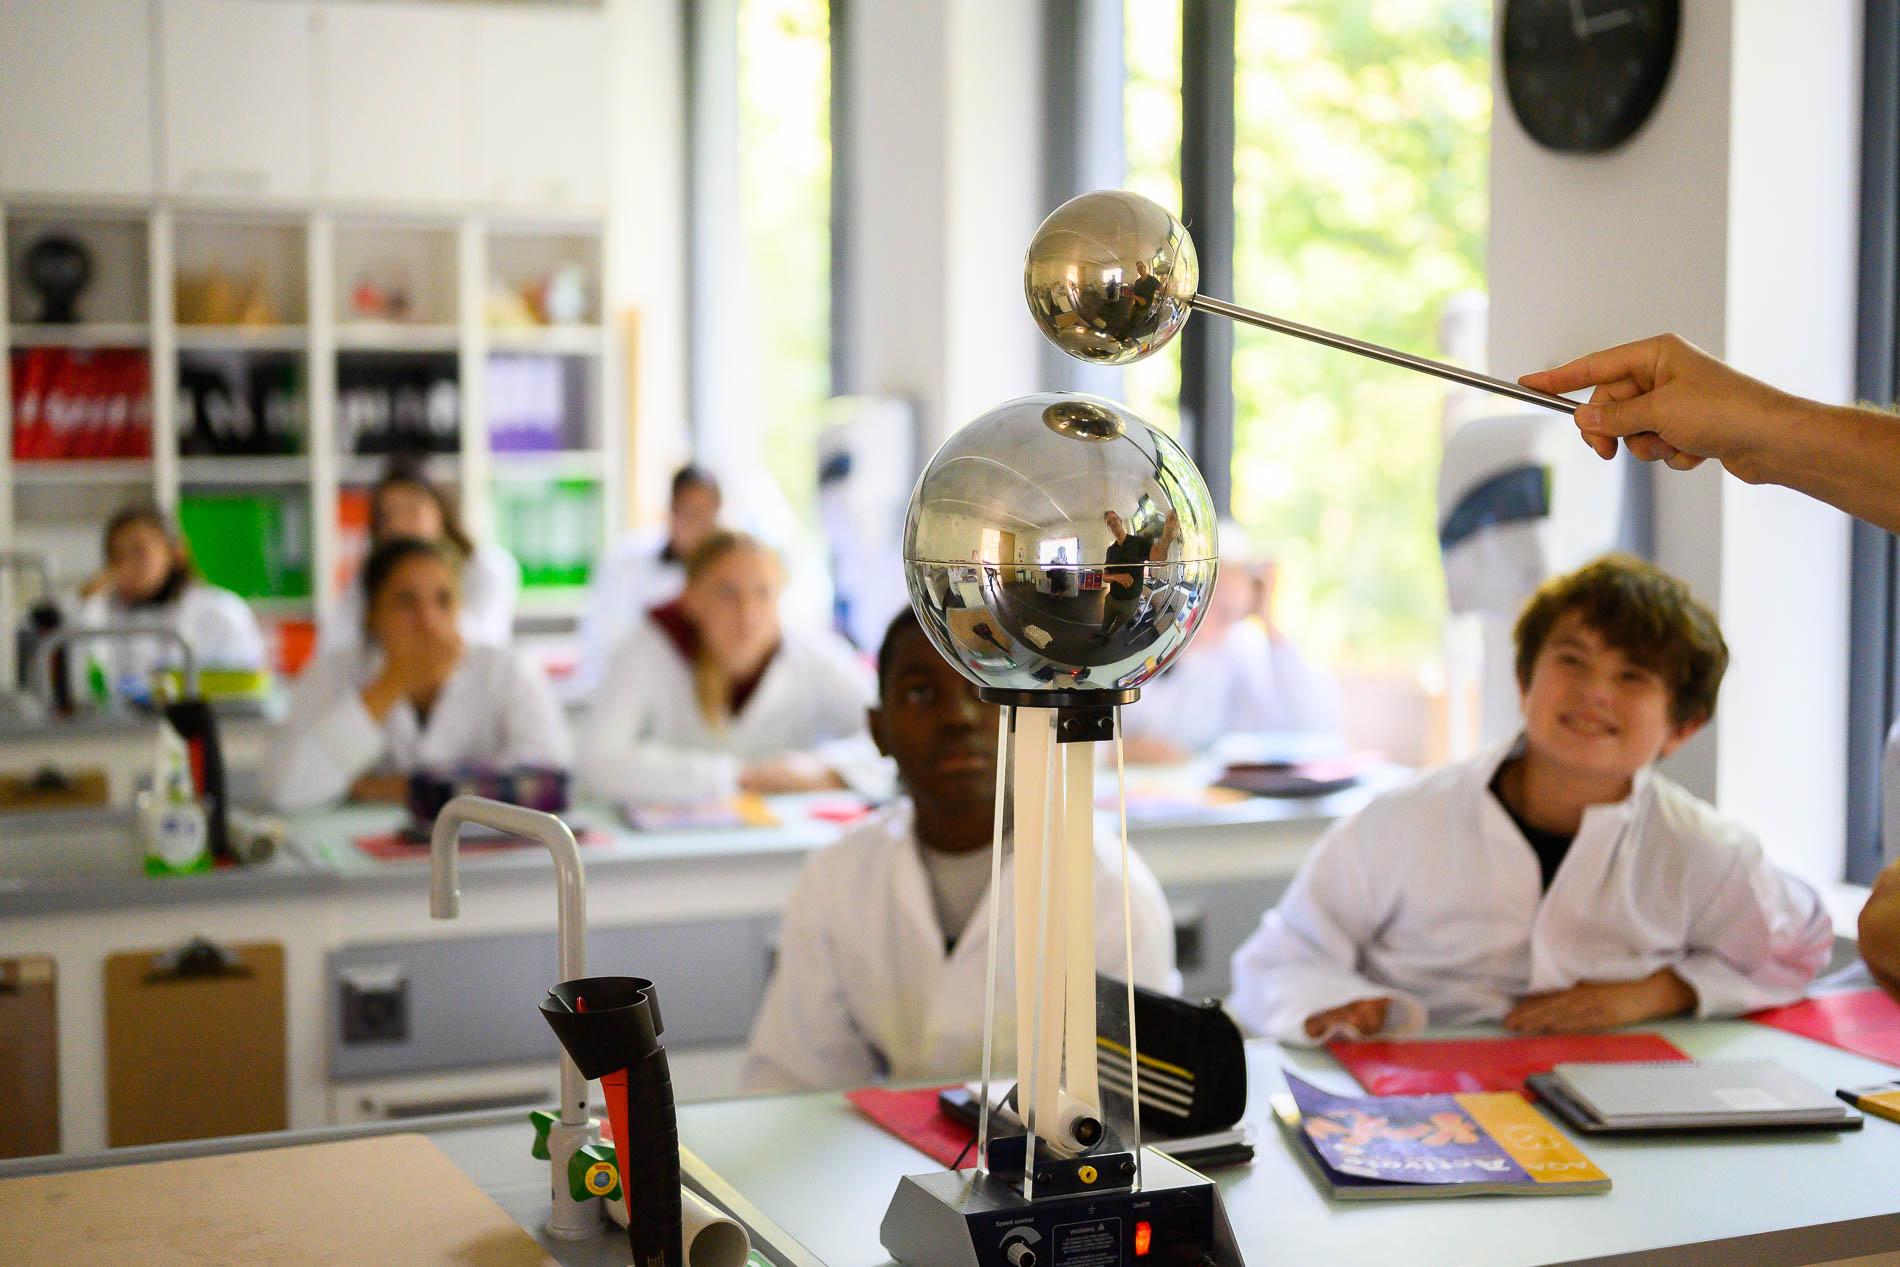 Geneva English School by Tomek Gola